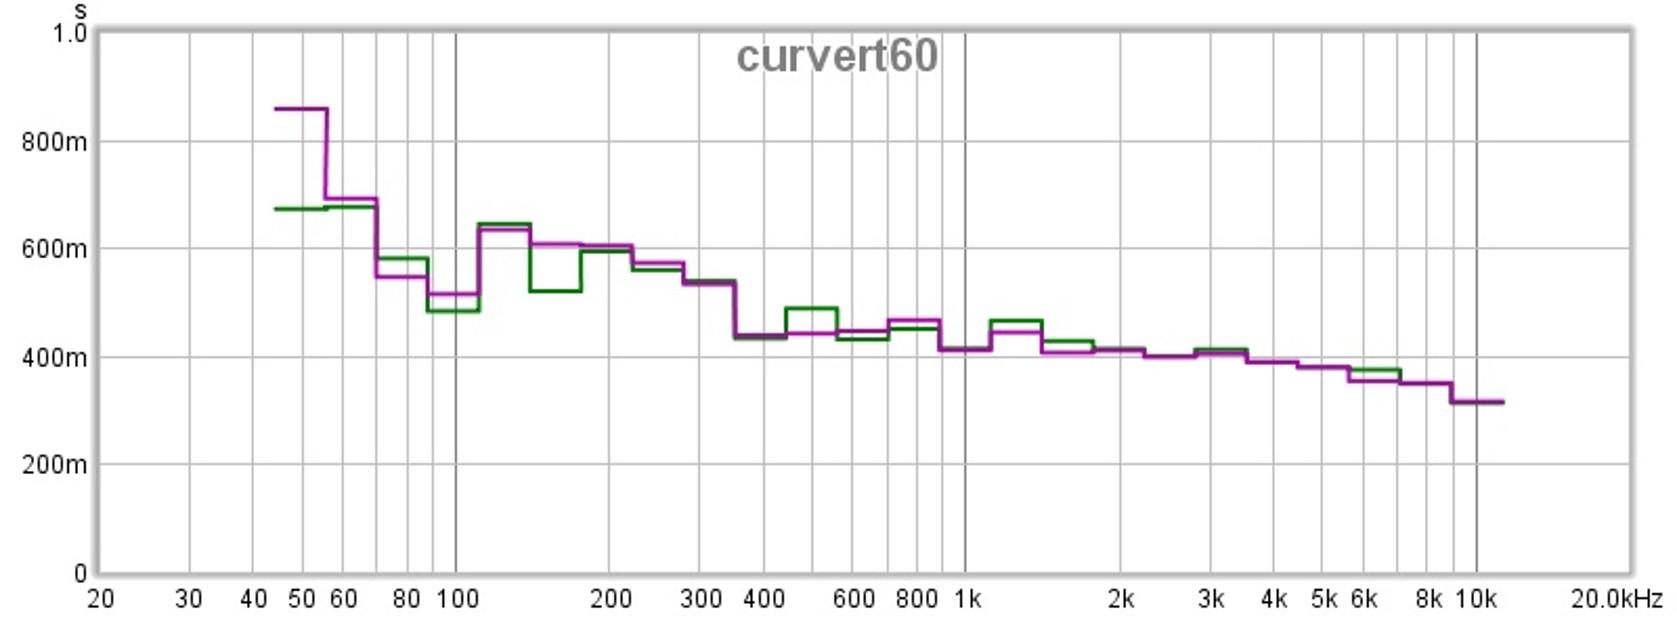 C097BA20-C0B1-464B-8DFB-733486EF74DE.jpeg